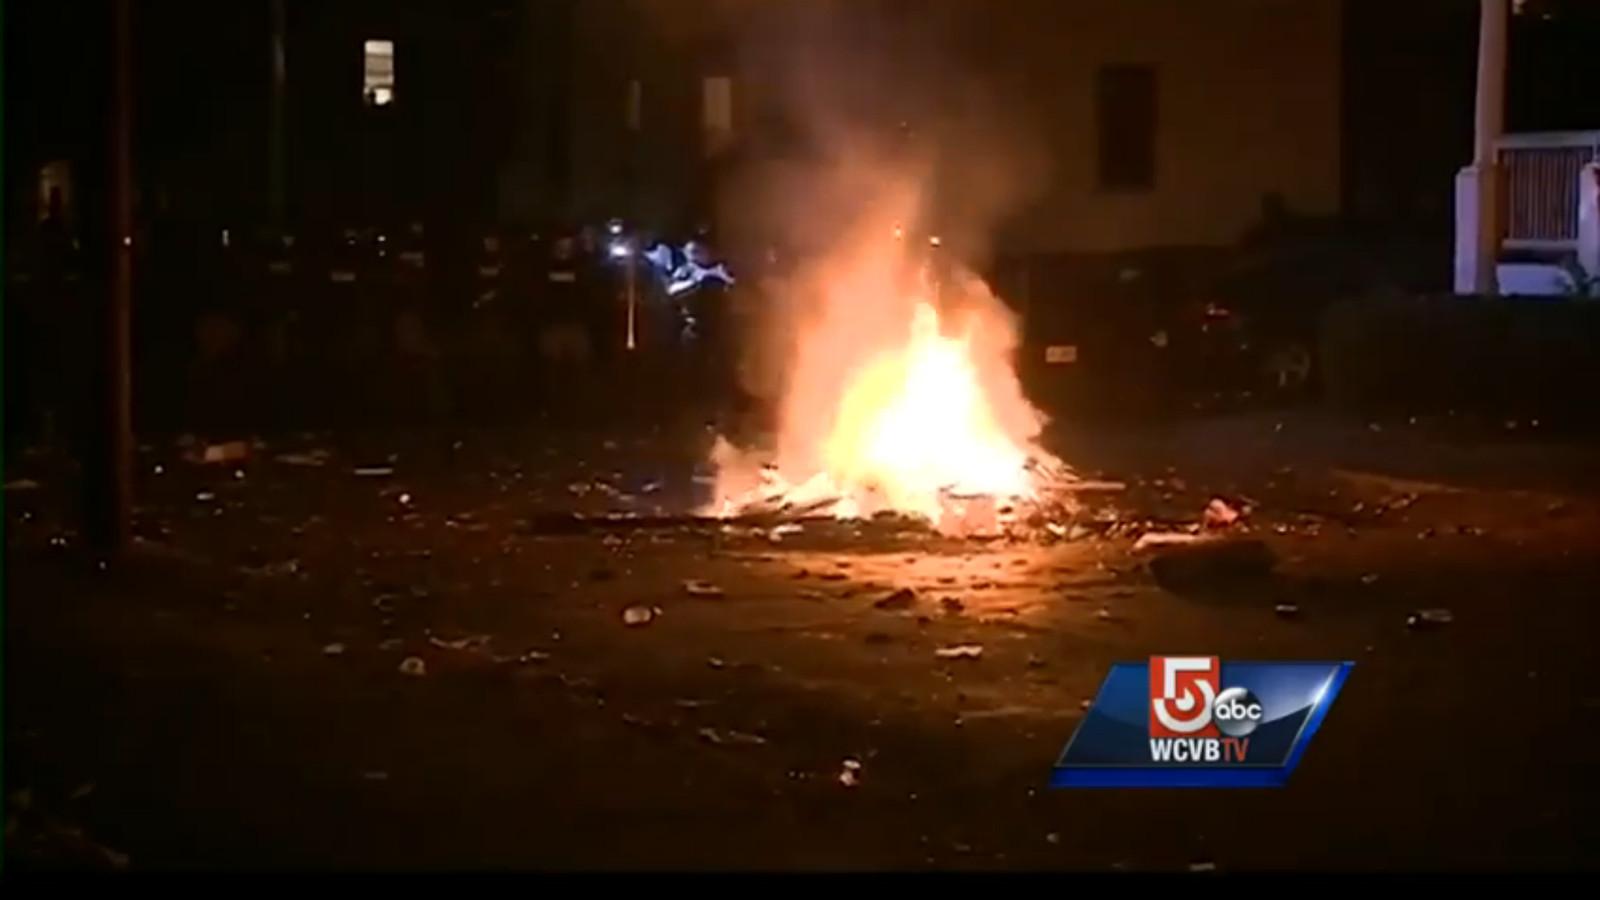 How John Oliver predicted the New Hampshire pumpkin riots - Vox